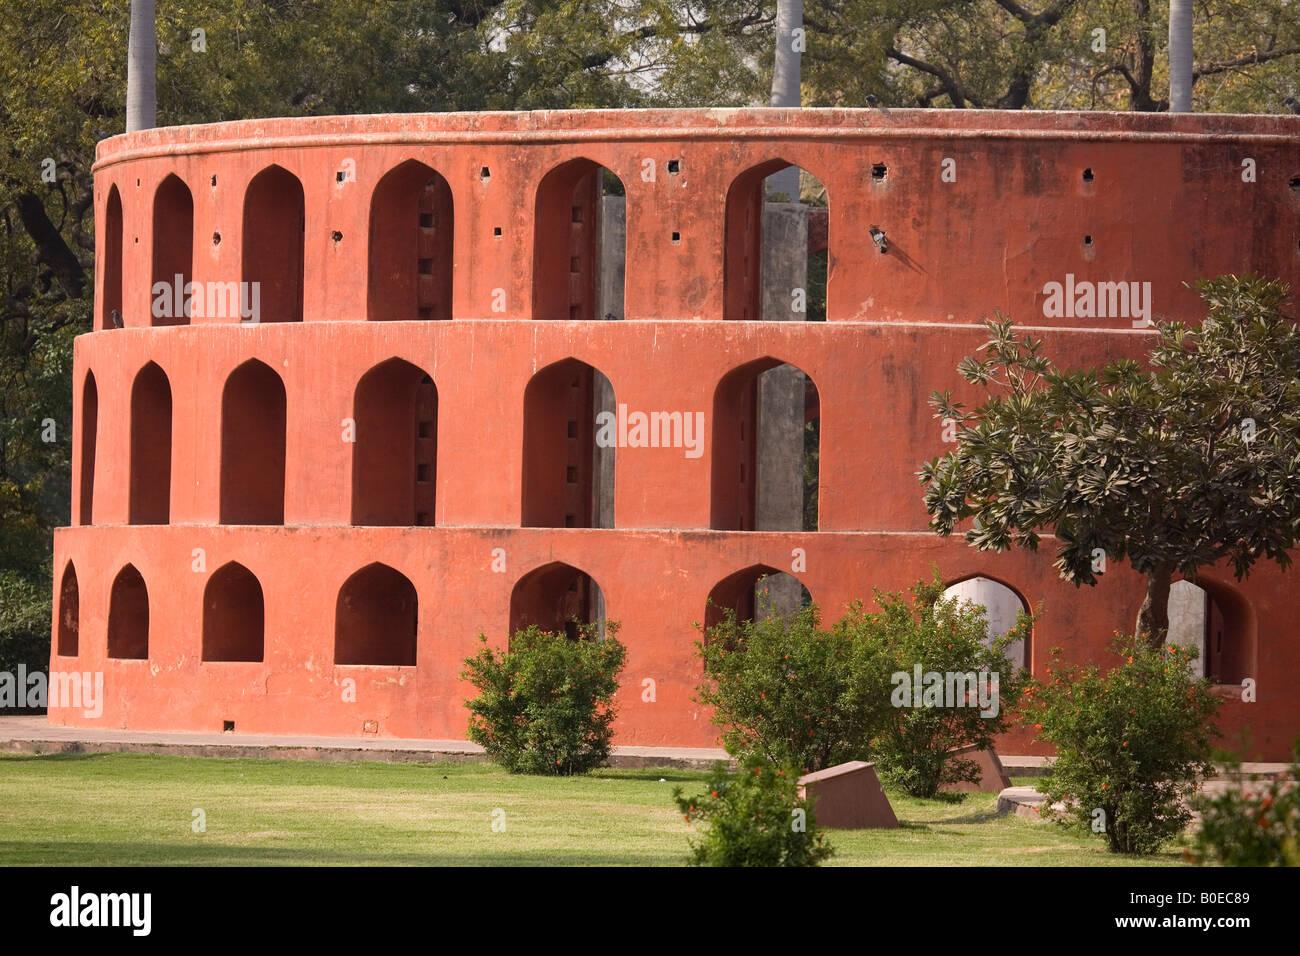 La Ram Yantra a Jantar Mantar a New Delhi, India. Il Jantar Mantar è stato osservatorio costruito da Jai Singh Immagini Stock